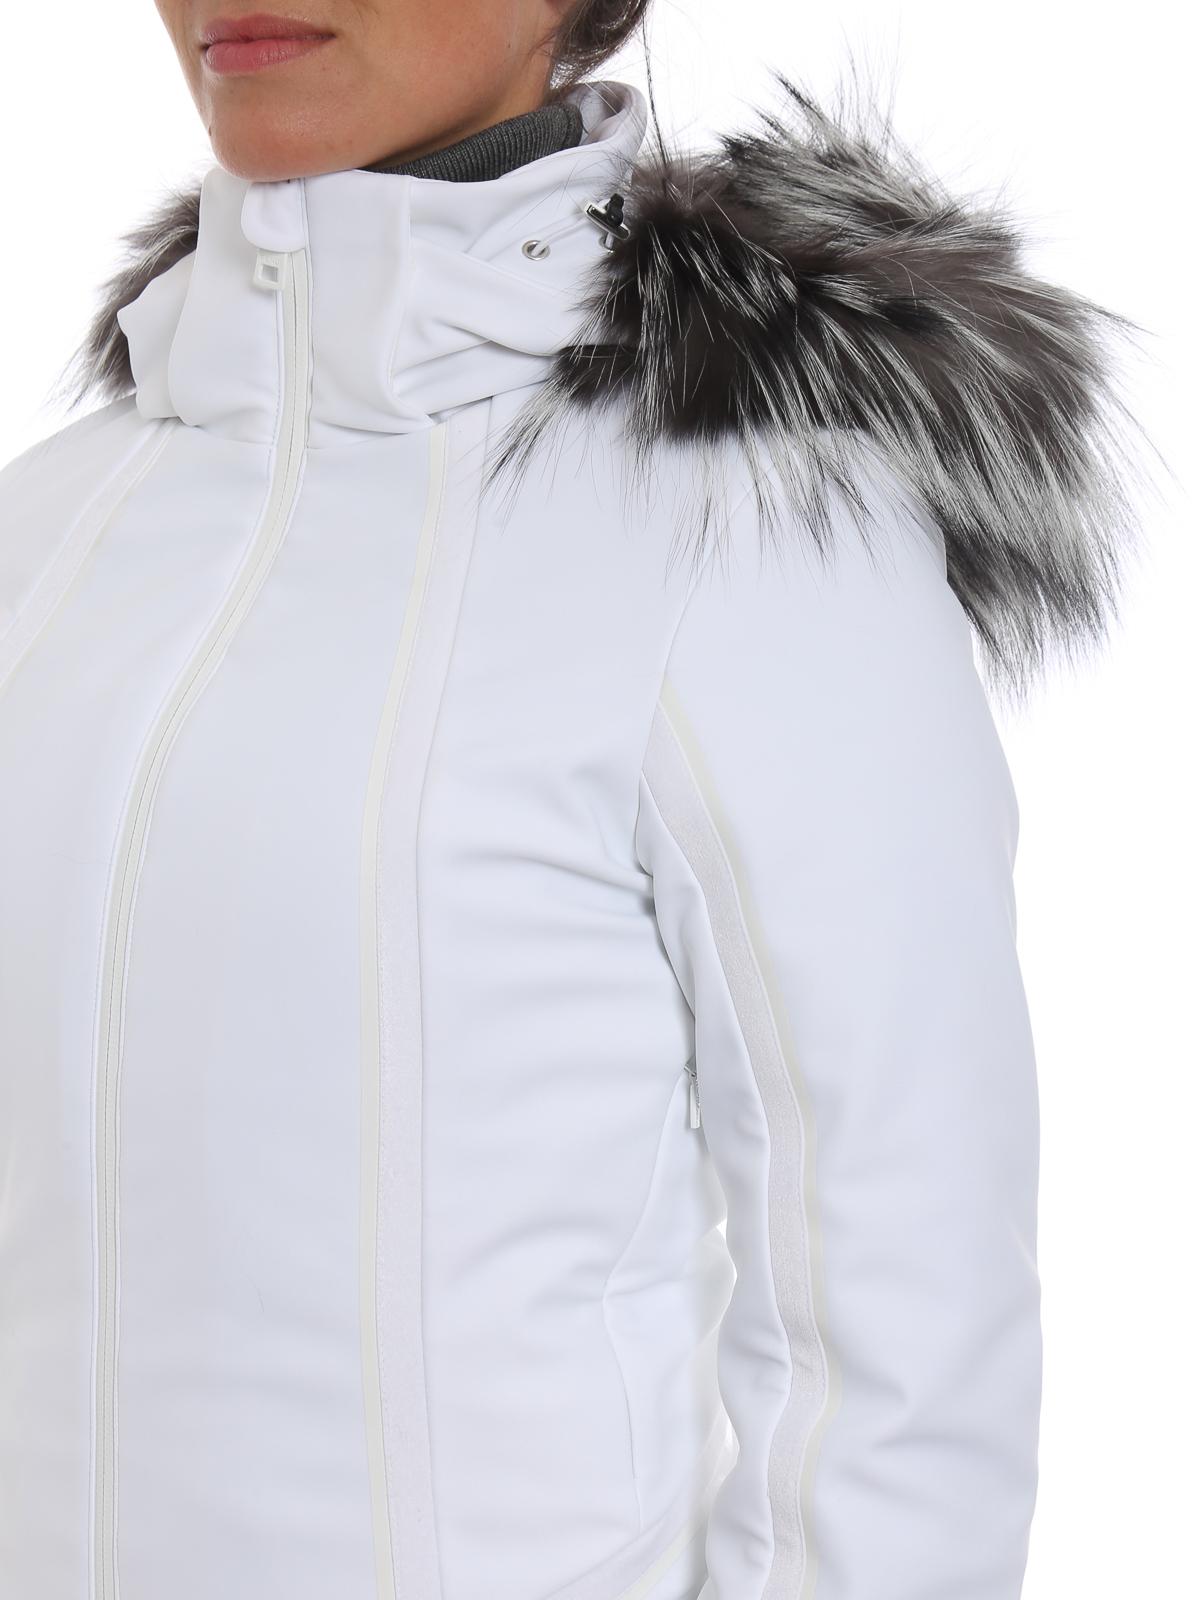 FENDI buy online Hi-tech ski jacket with fox fur inserts · FENDI  padded  jackets ... 7d5fcd4db